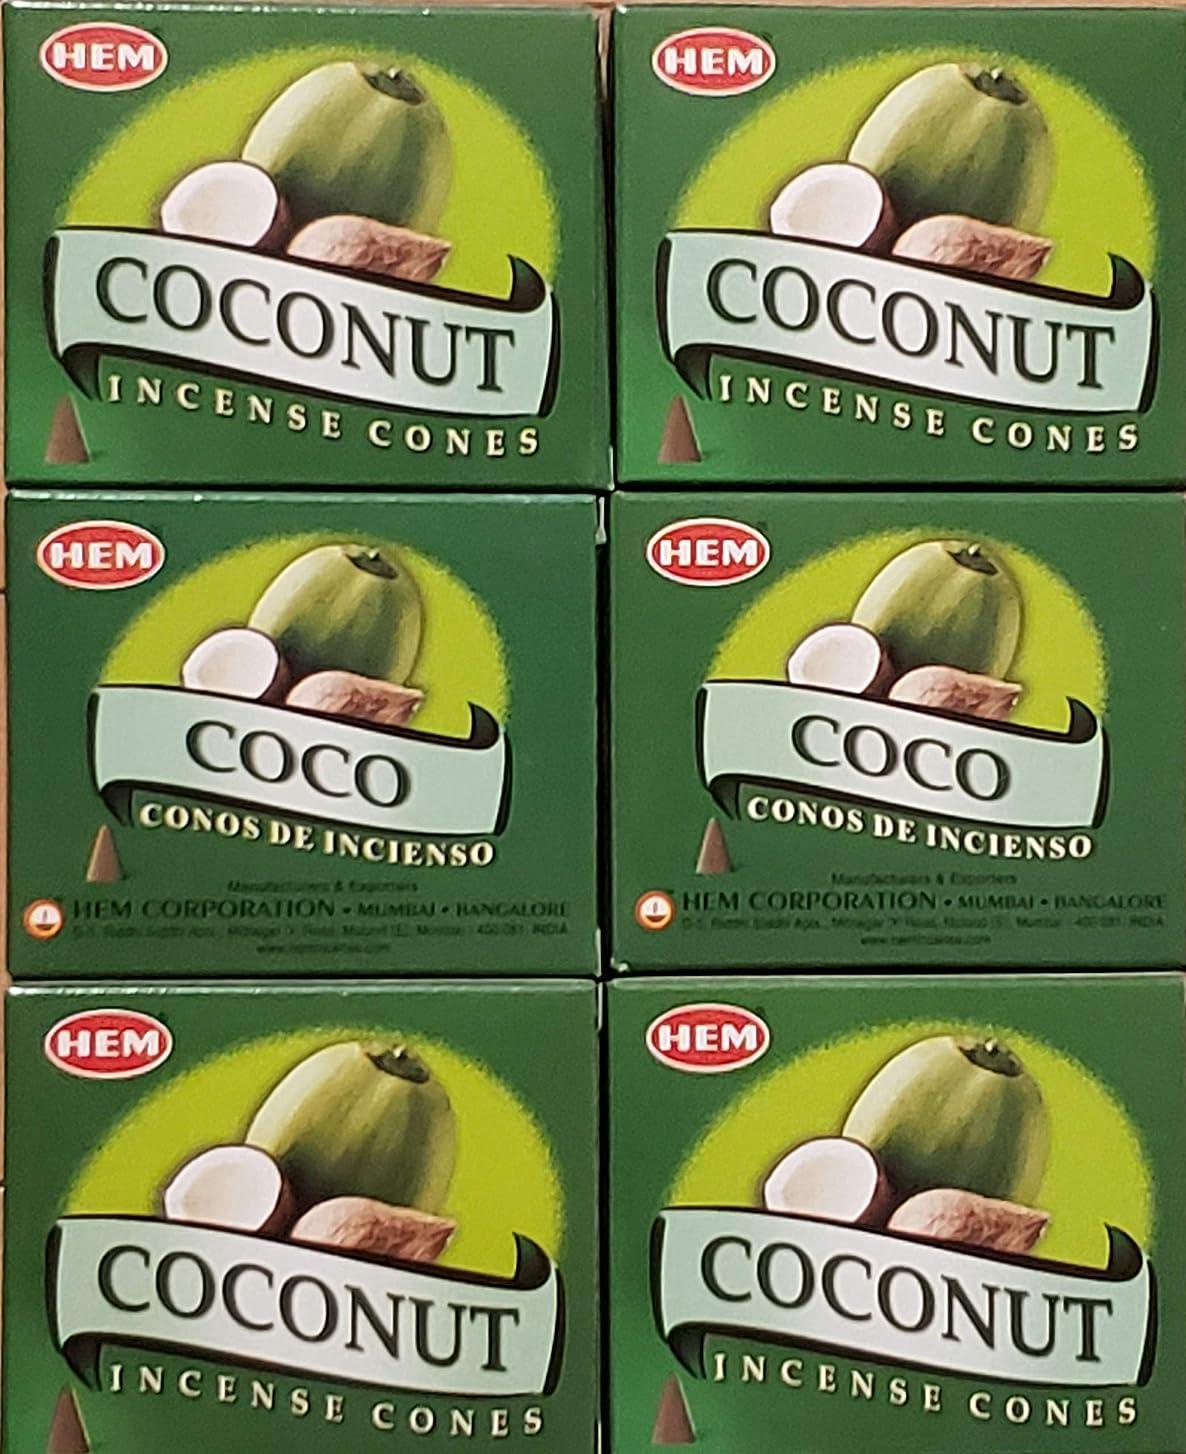 リースポテトに勝るお香 コーン ココナッツ6箱入り 500円以上で送料無料